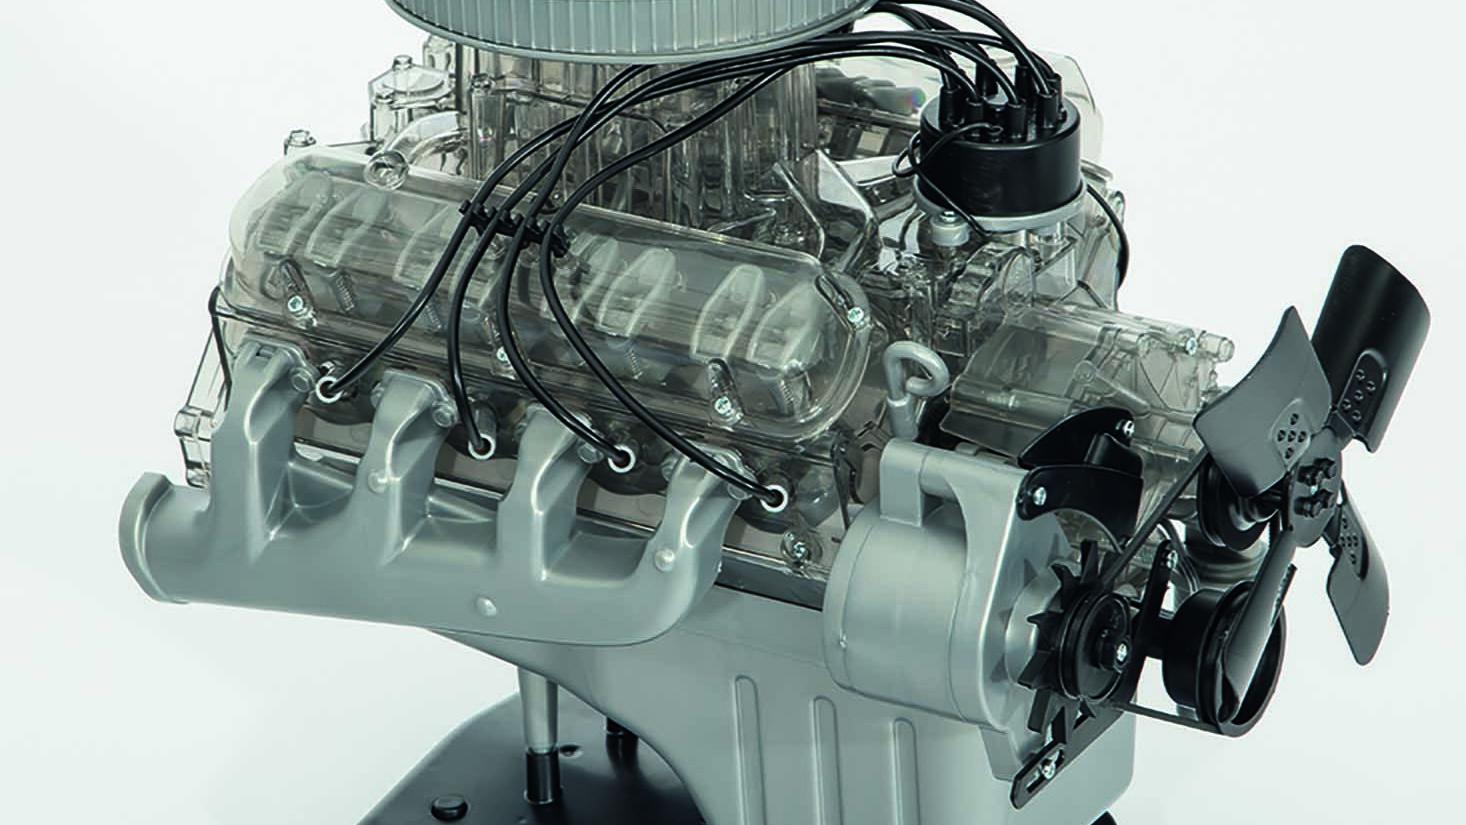 Ford Mustang V-8 model kit